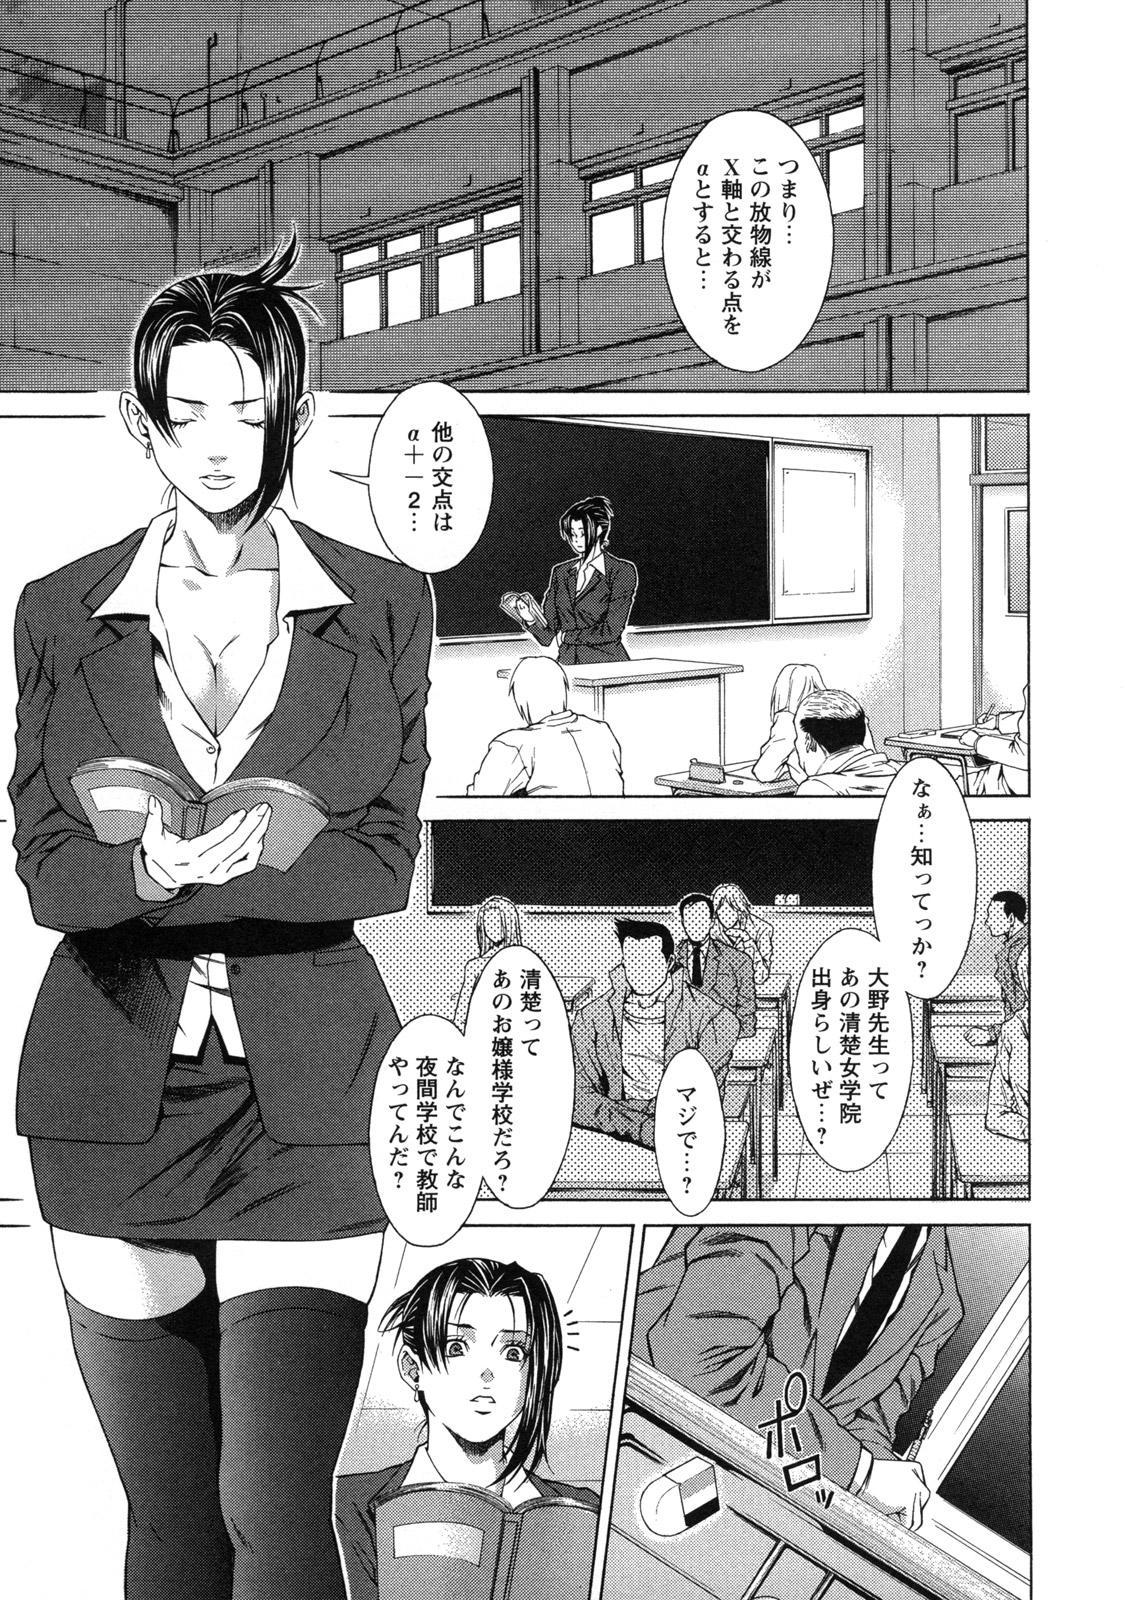 Kagai Jugyou 51